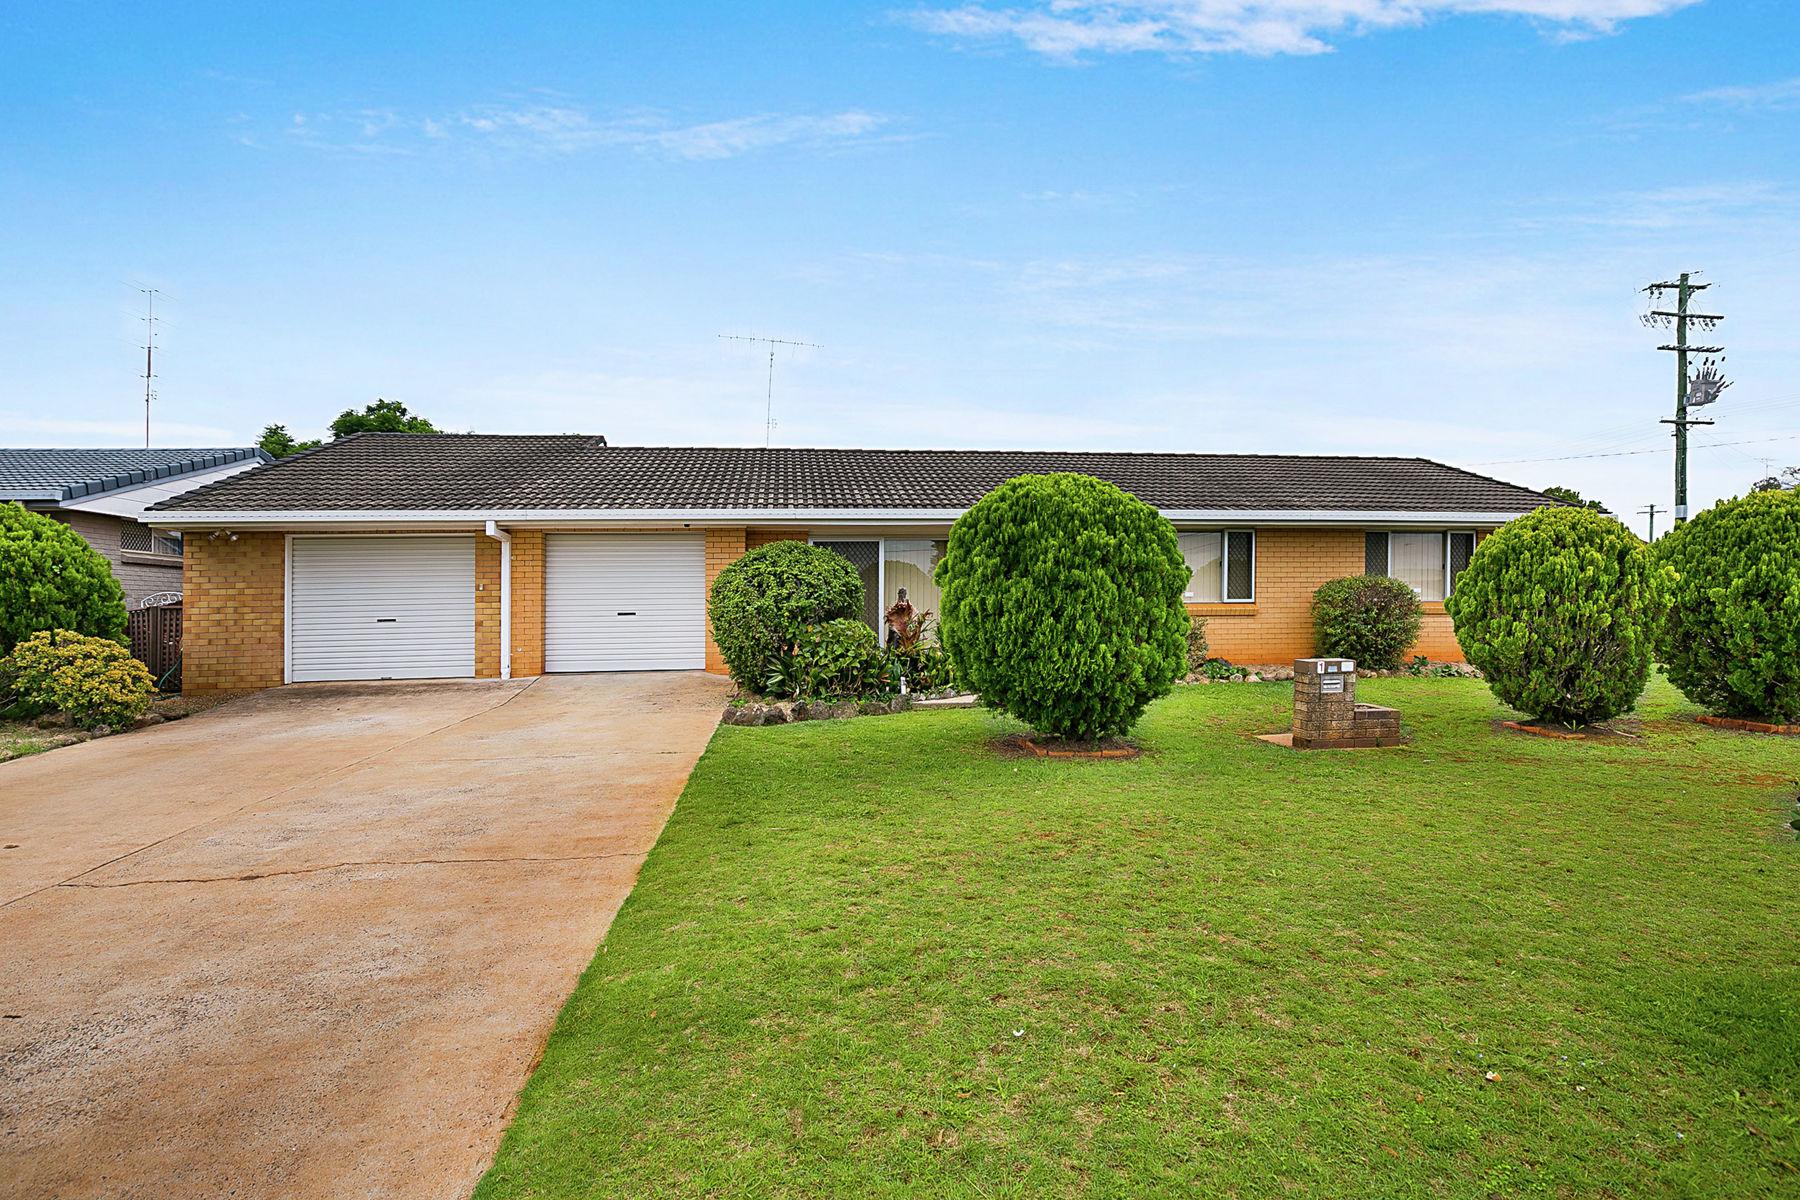 Property in Wilsonton - Offers Over $285,000